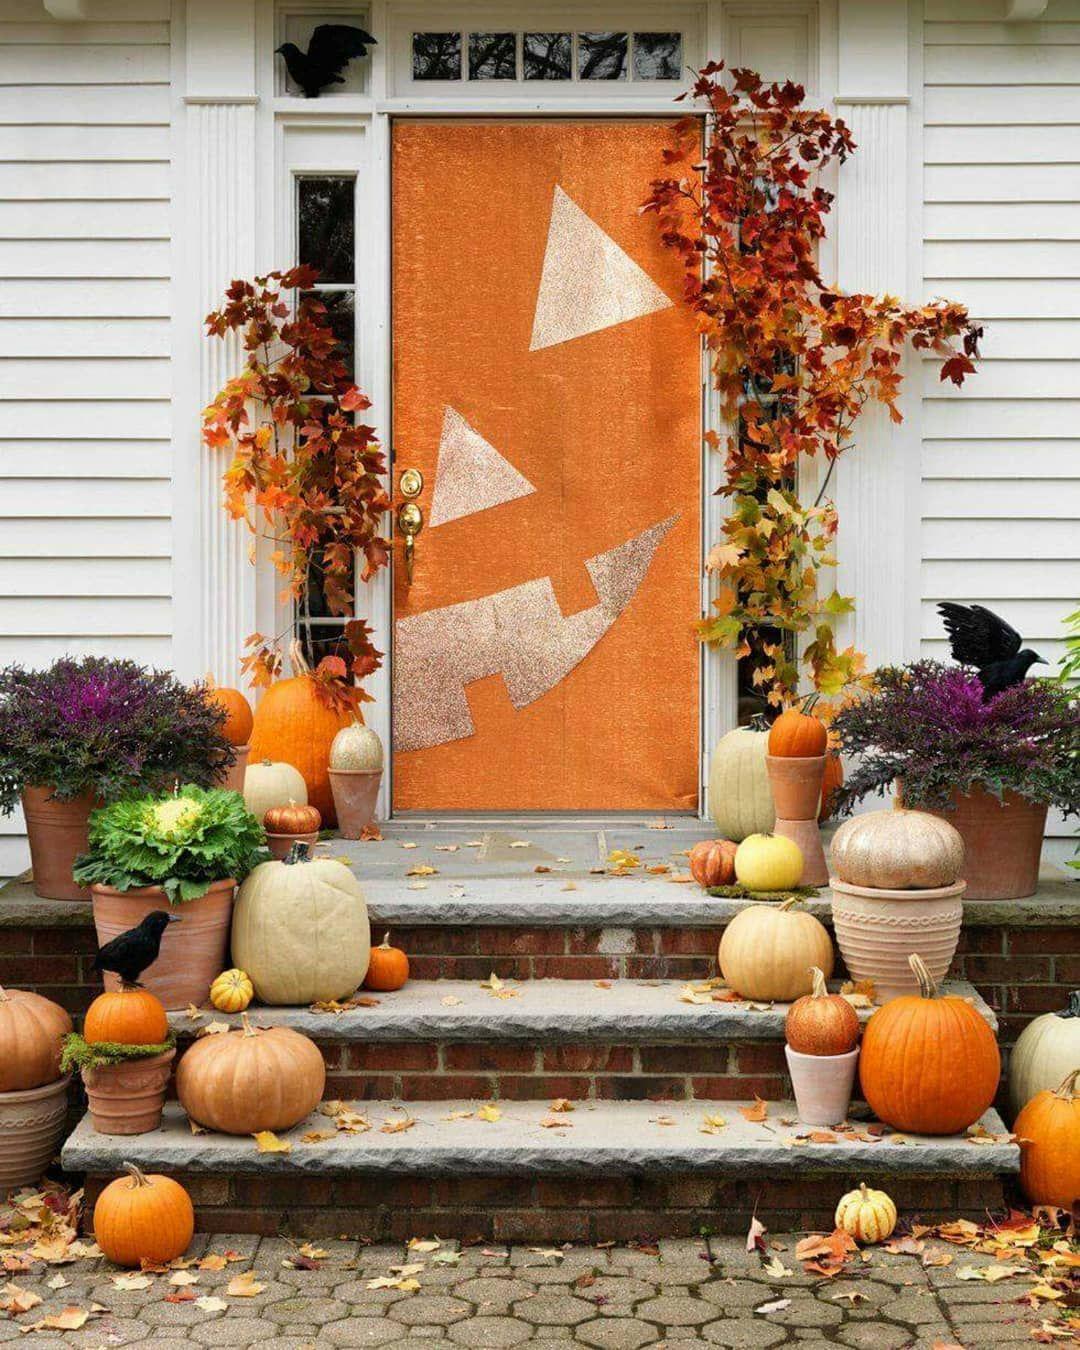 GOALS 👹👺👽👾👿💀👀👻😱 😄 👻🍃🍁🍂🎃 #Fall #Halloween #August